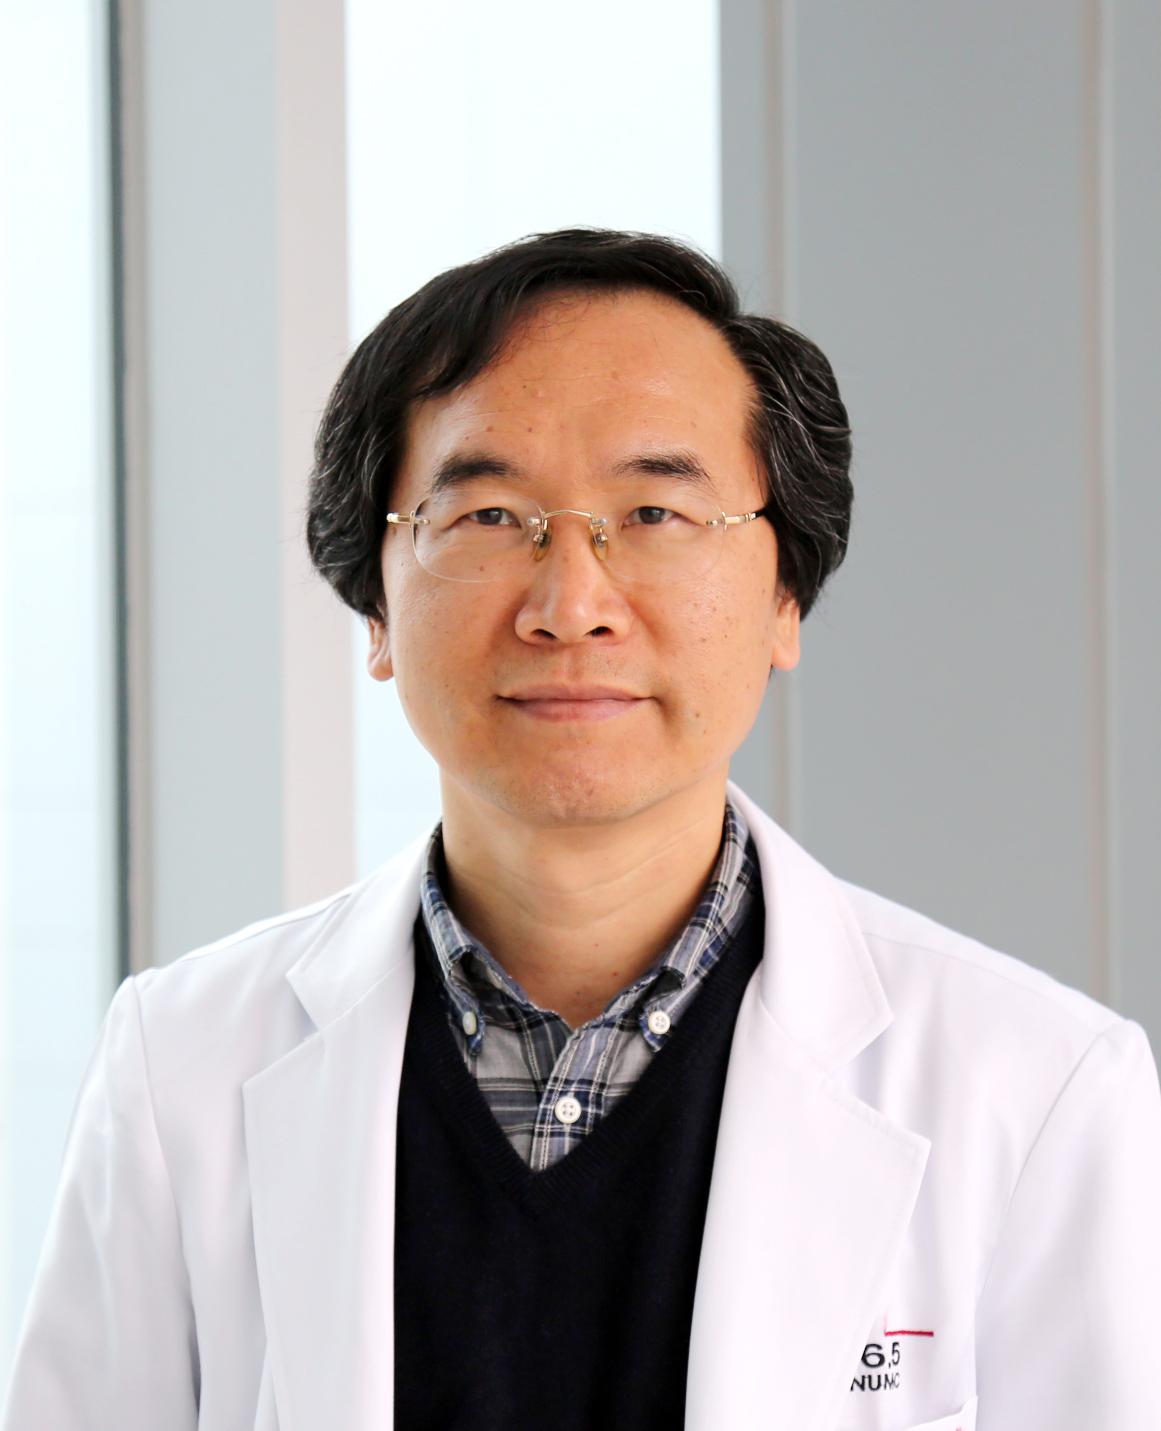 권순학 교수님 사진